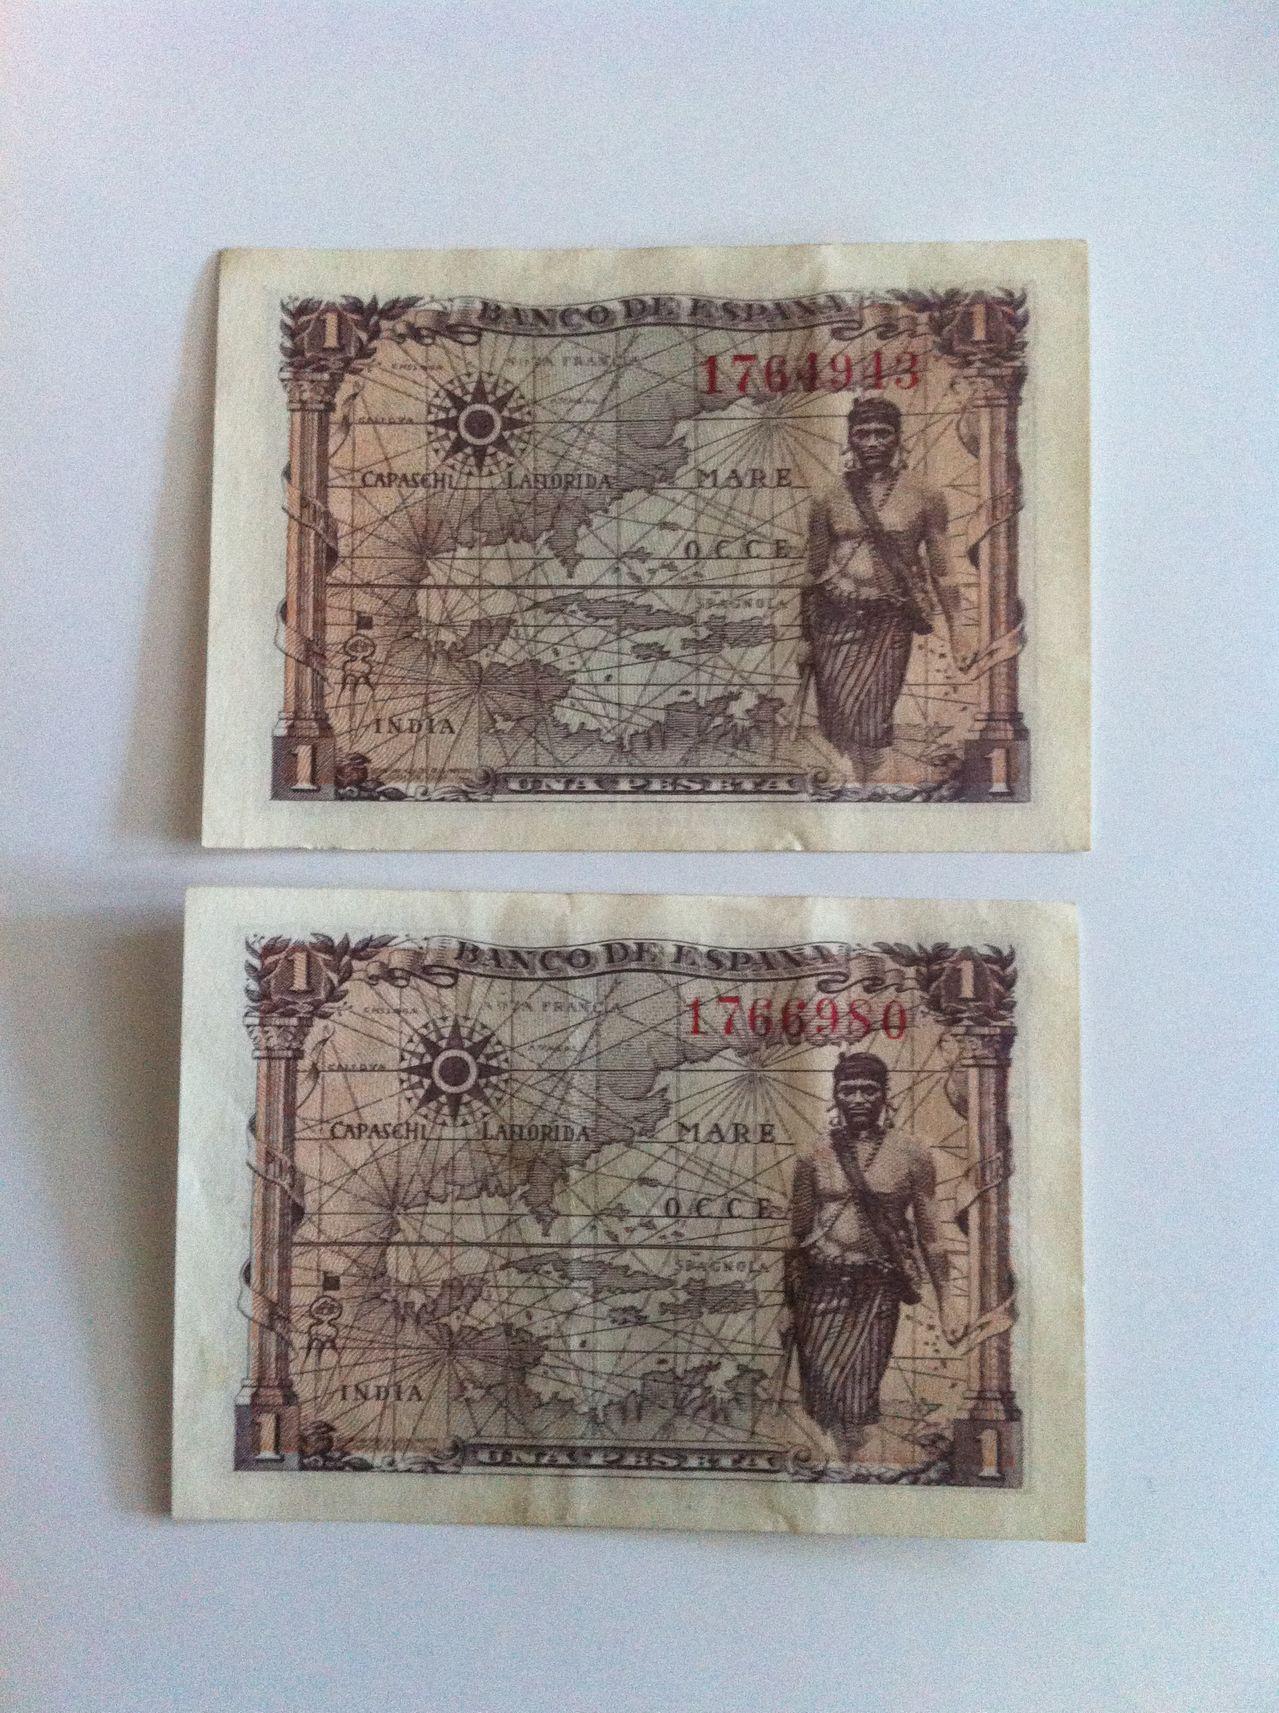 Ayuda para valorar coleccion de billetes IMG_4945